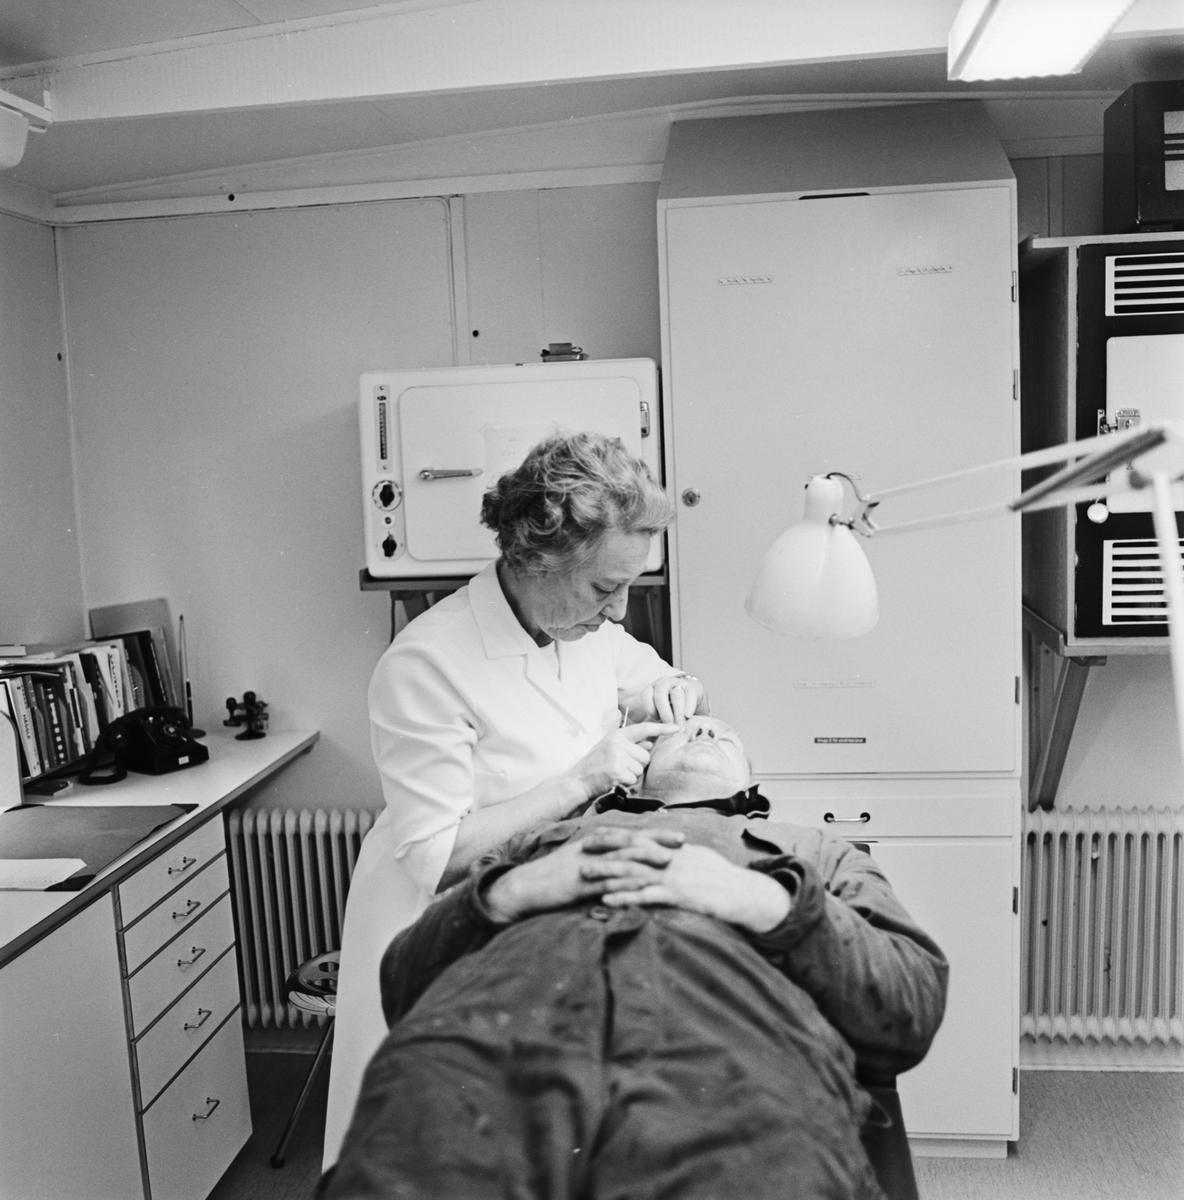 Övrigt: Foto datum: 17/11 1966 Byggnader och kranar Personalen på sjukreserven